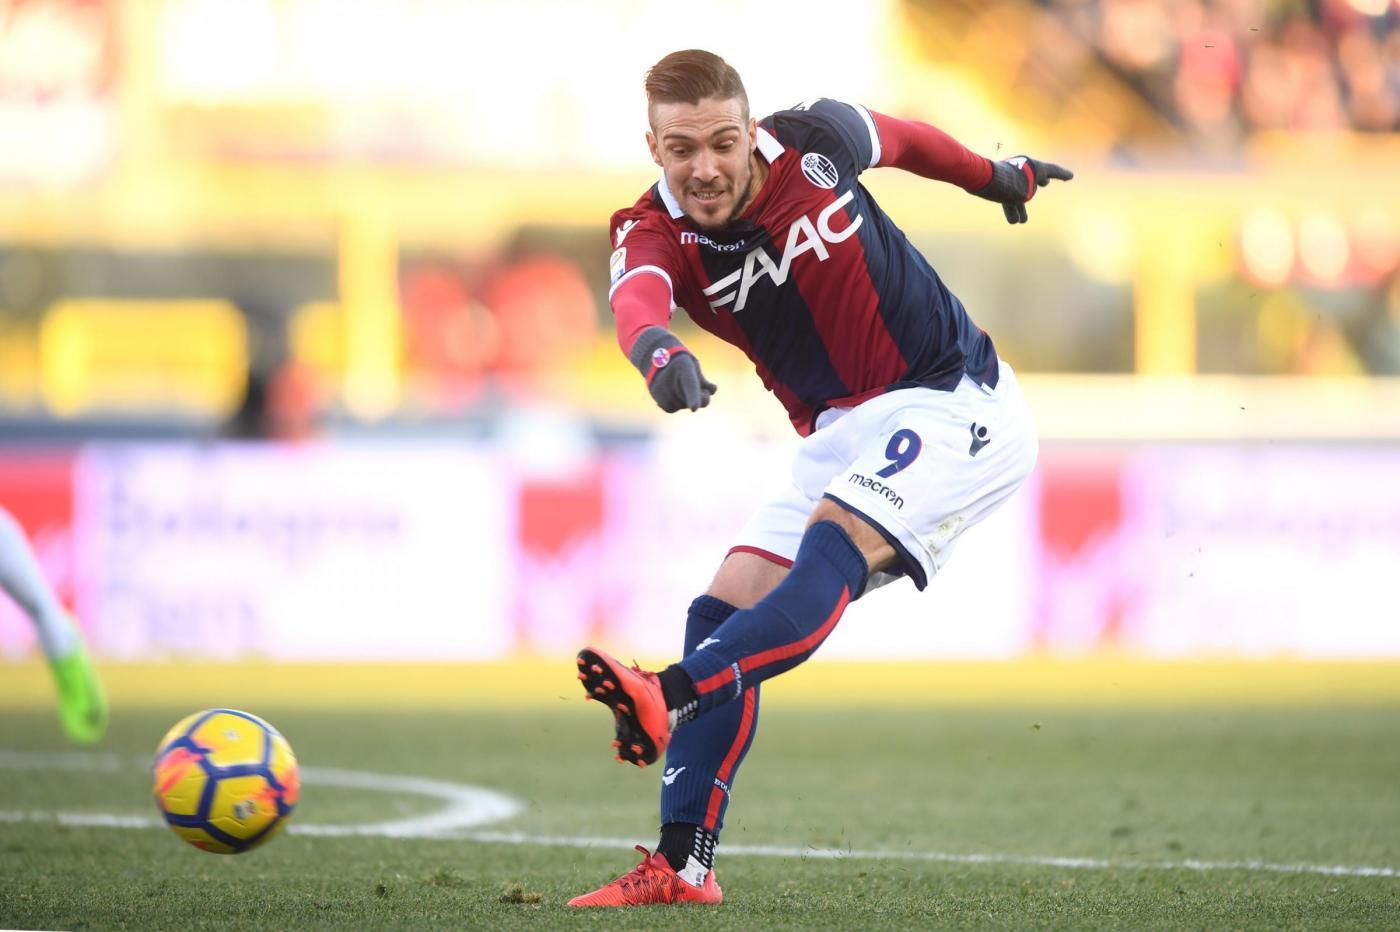 L'Udinese vince 2-1 a Bologna in rimonta: l'autogol di Danilo illude i rossoblù, poi ci pensano Widmer e Lasagna<br /><br />